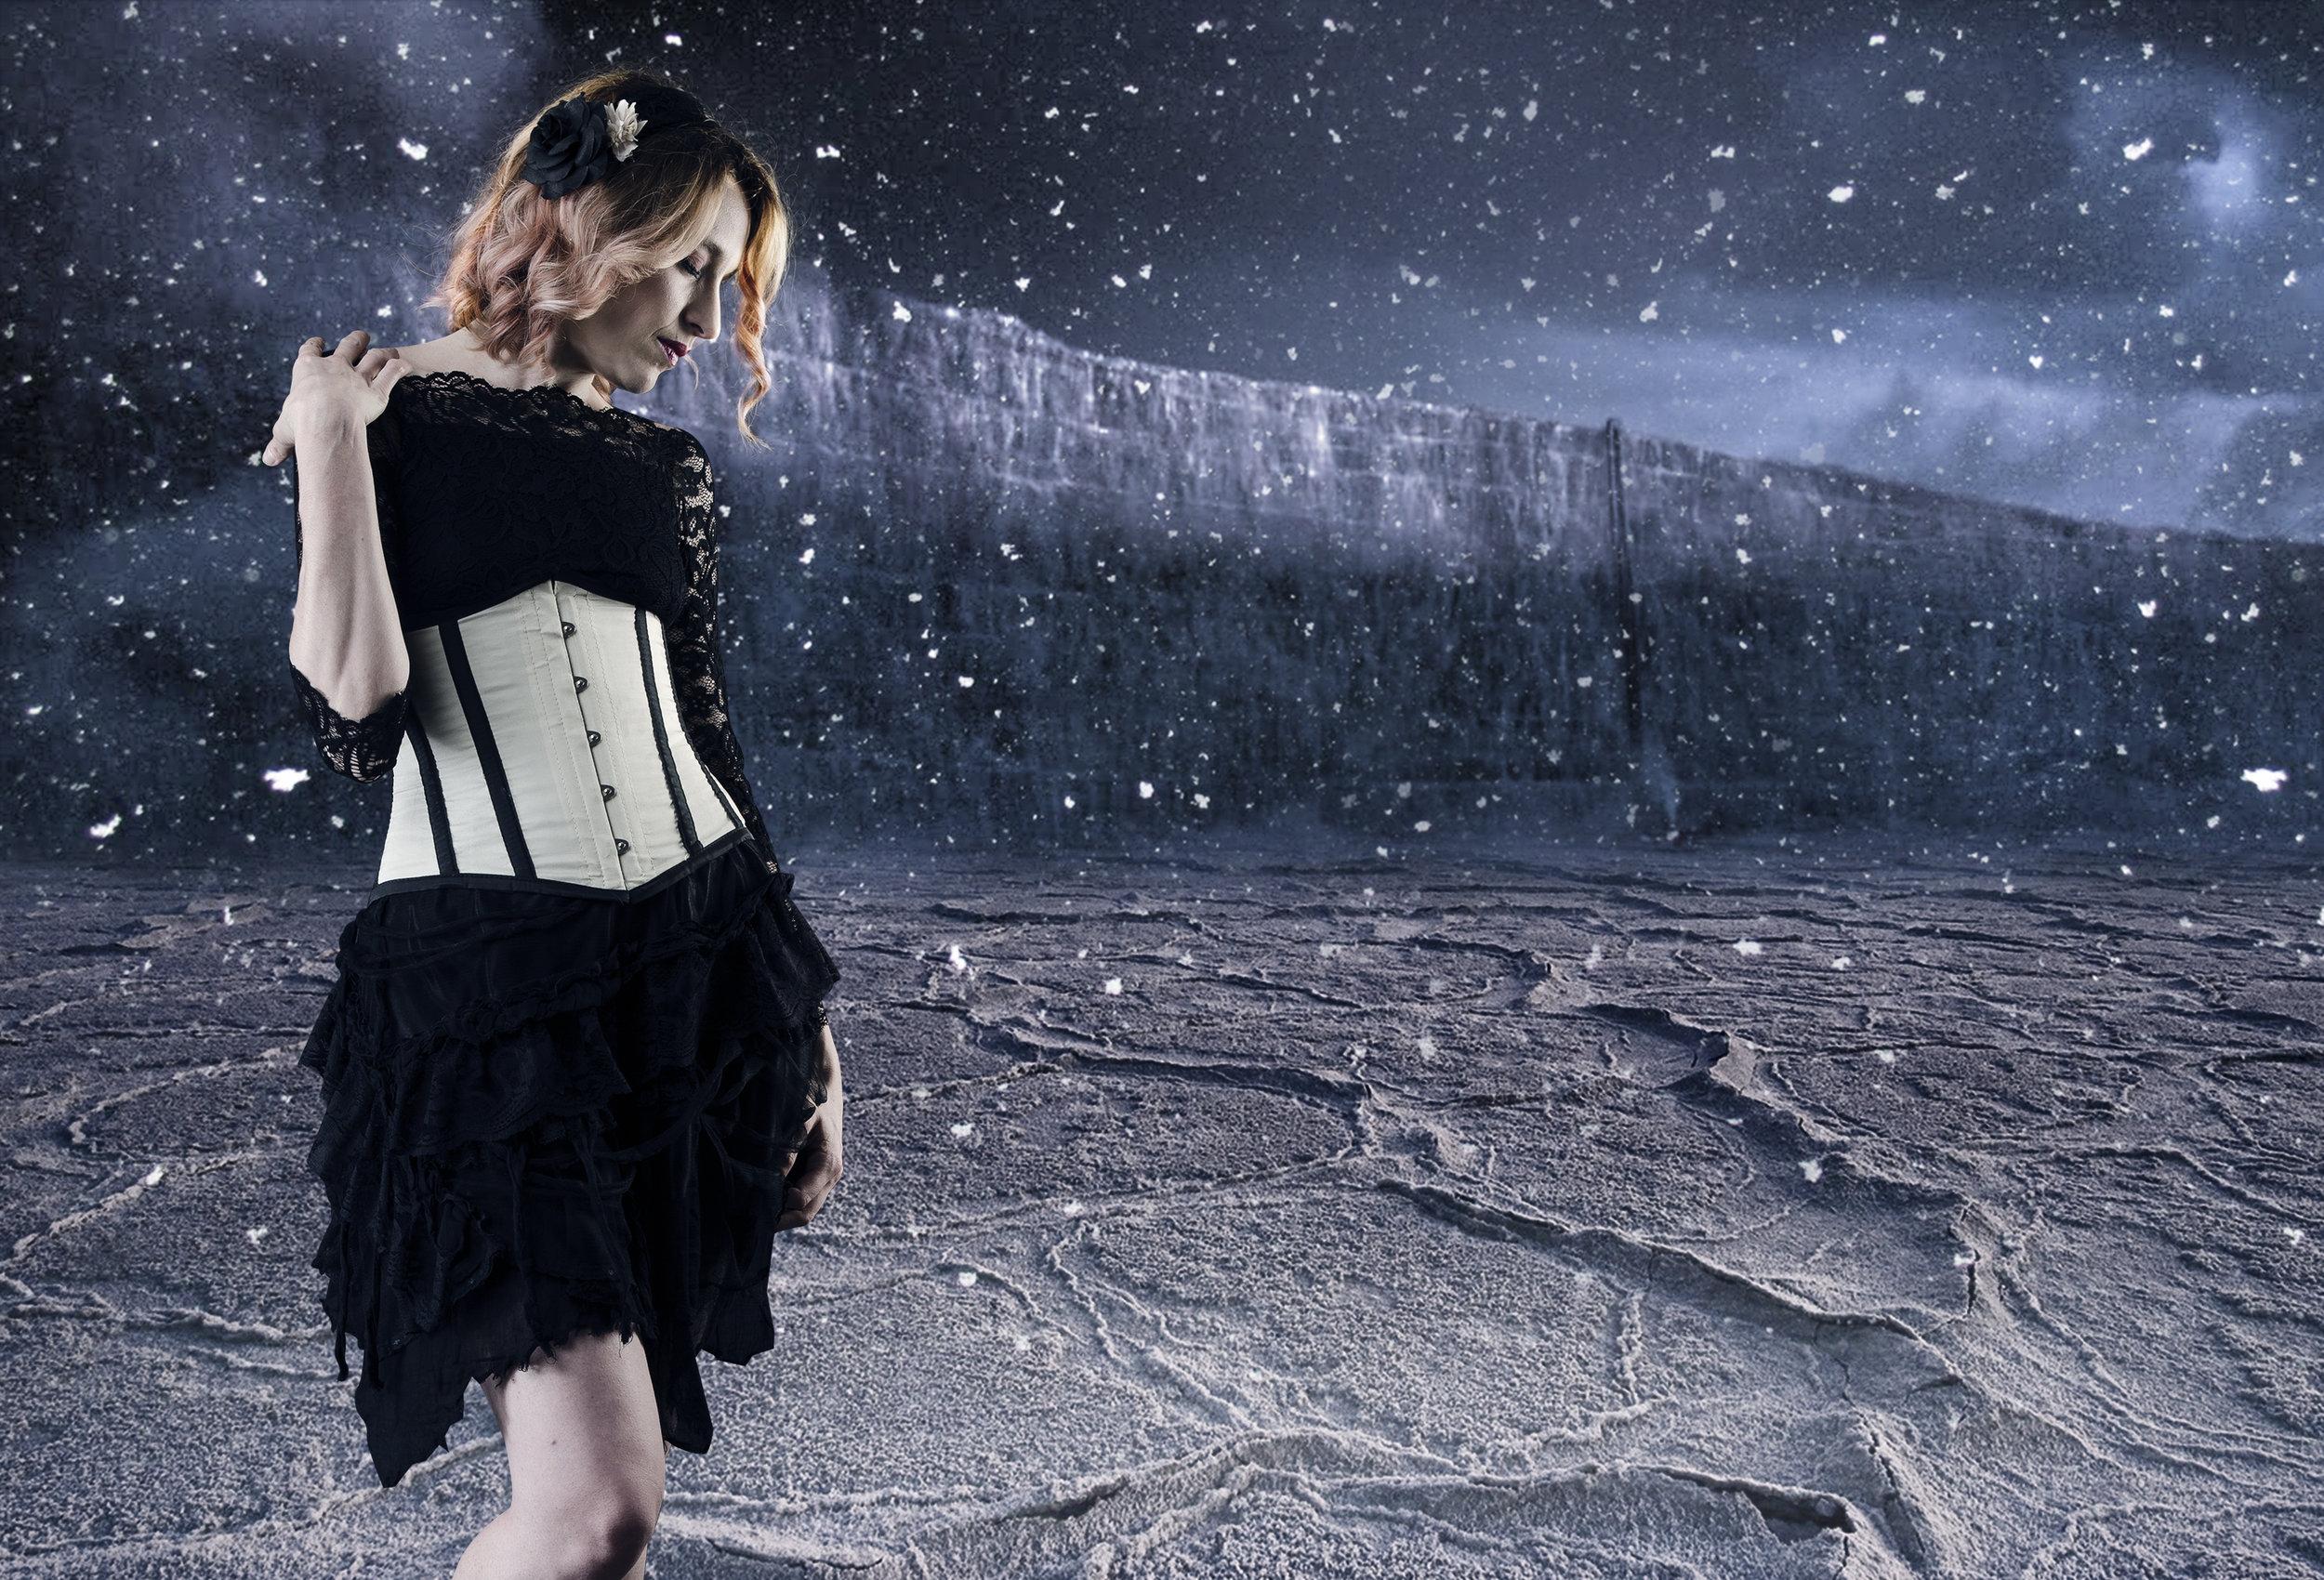 arte fotografia cosplay costume fotografo scena milano